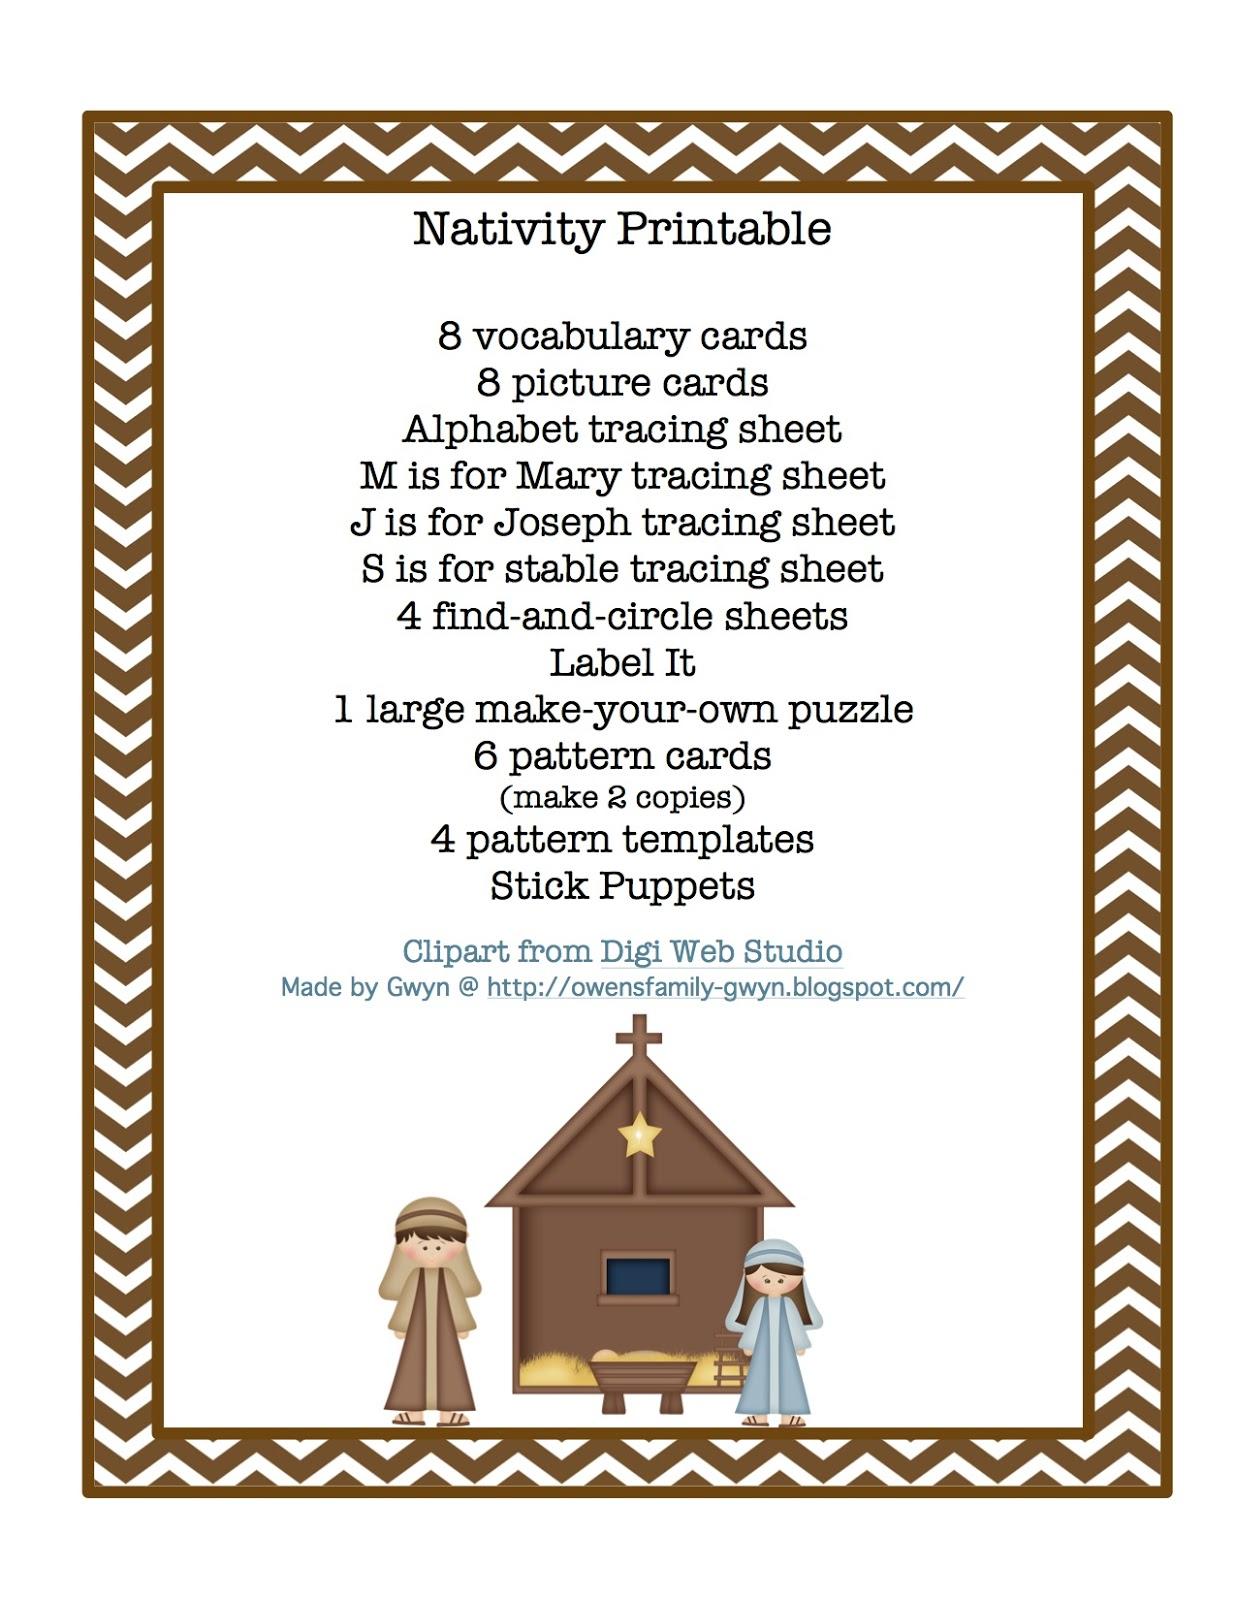 Nativity Printables